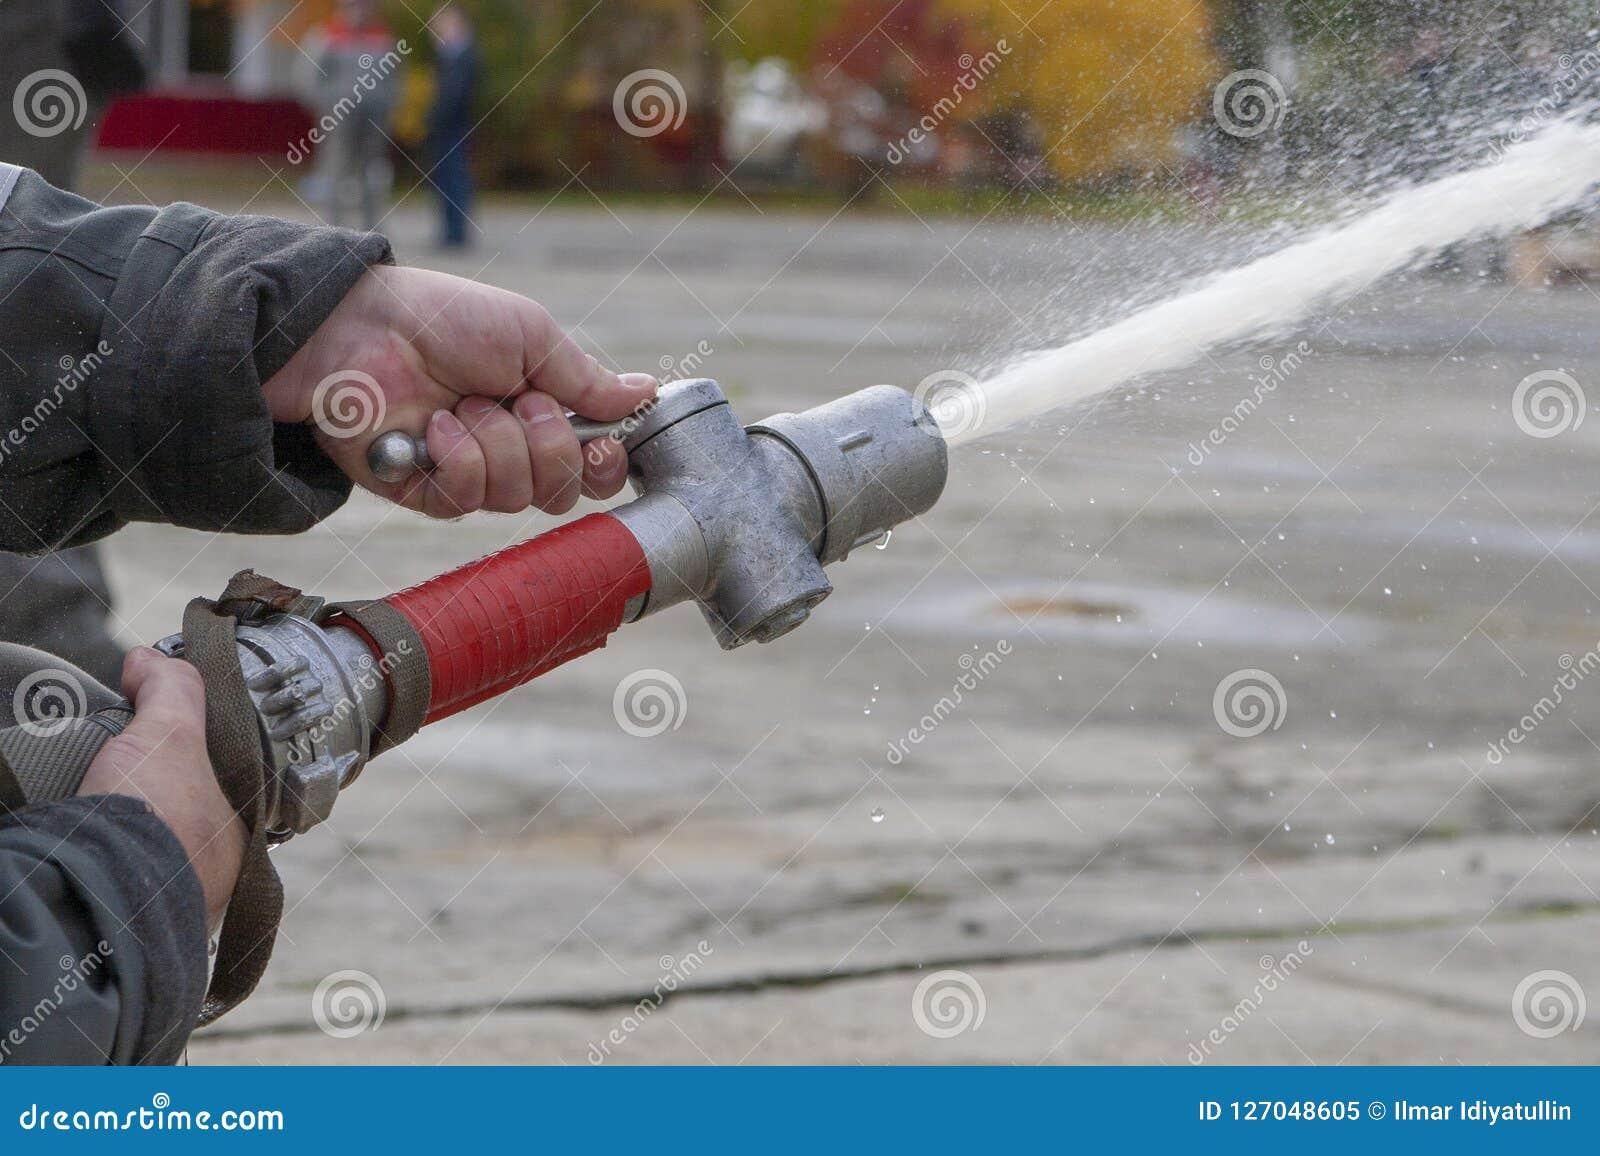 Feuerwehrmannspraywasser während einer Schulungsübung